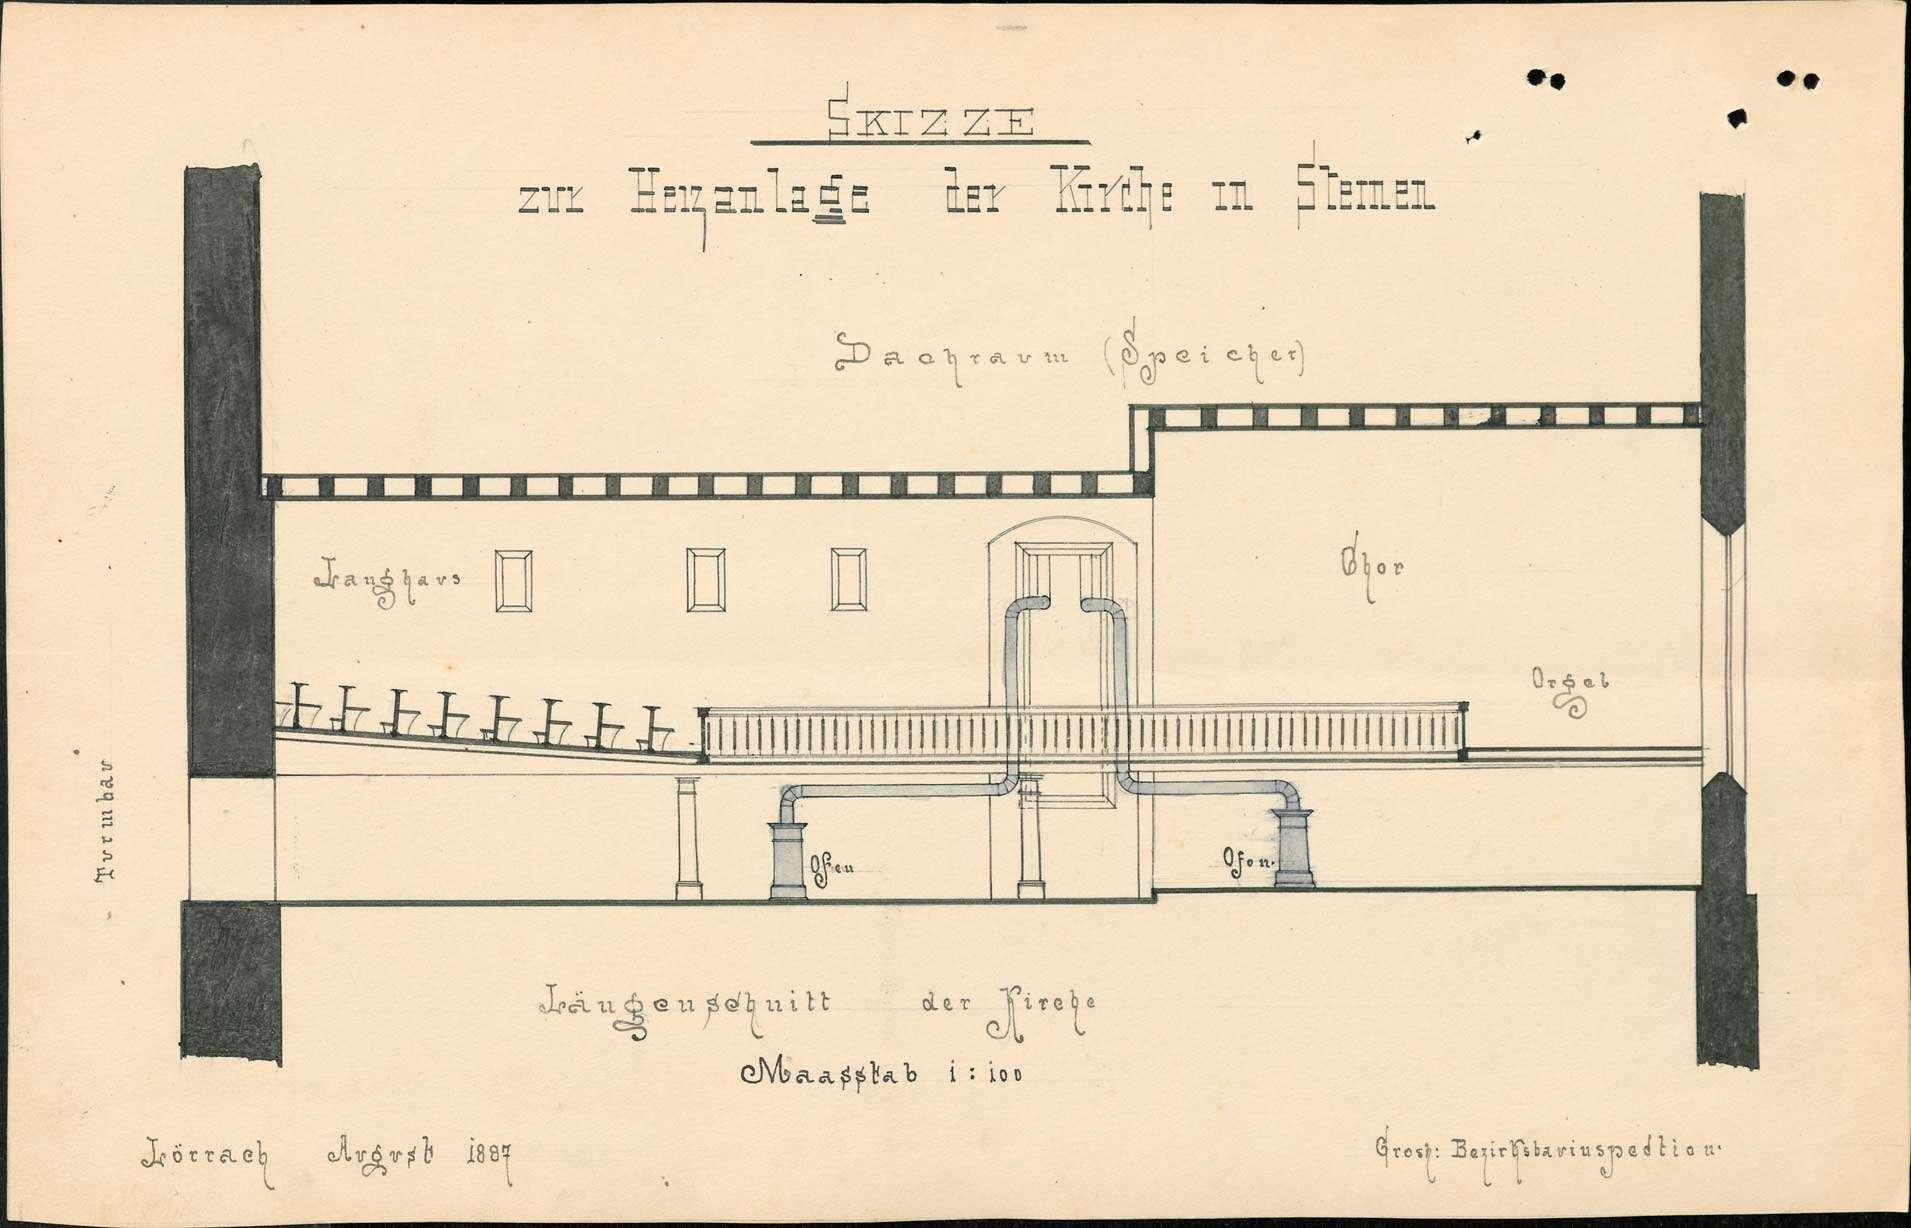 Bau und Unterhaltung der evangelischen Kirche in Steinen, Bild 2